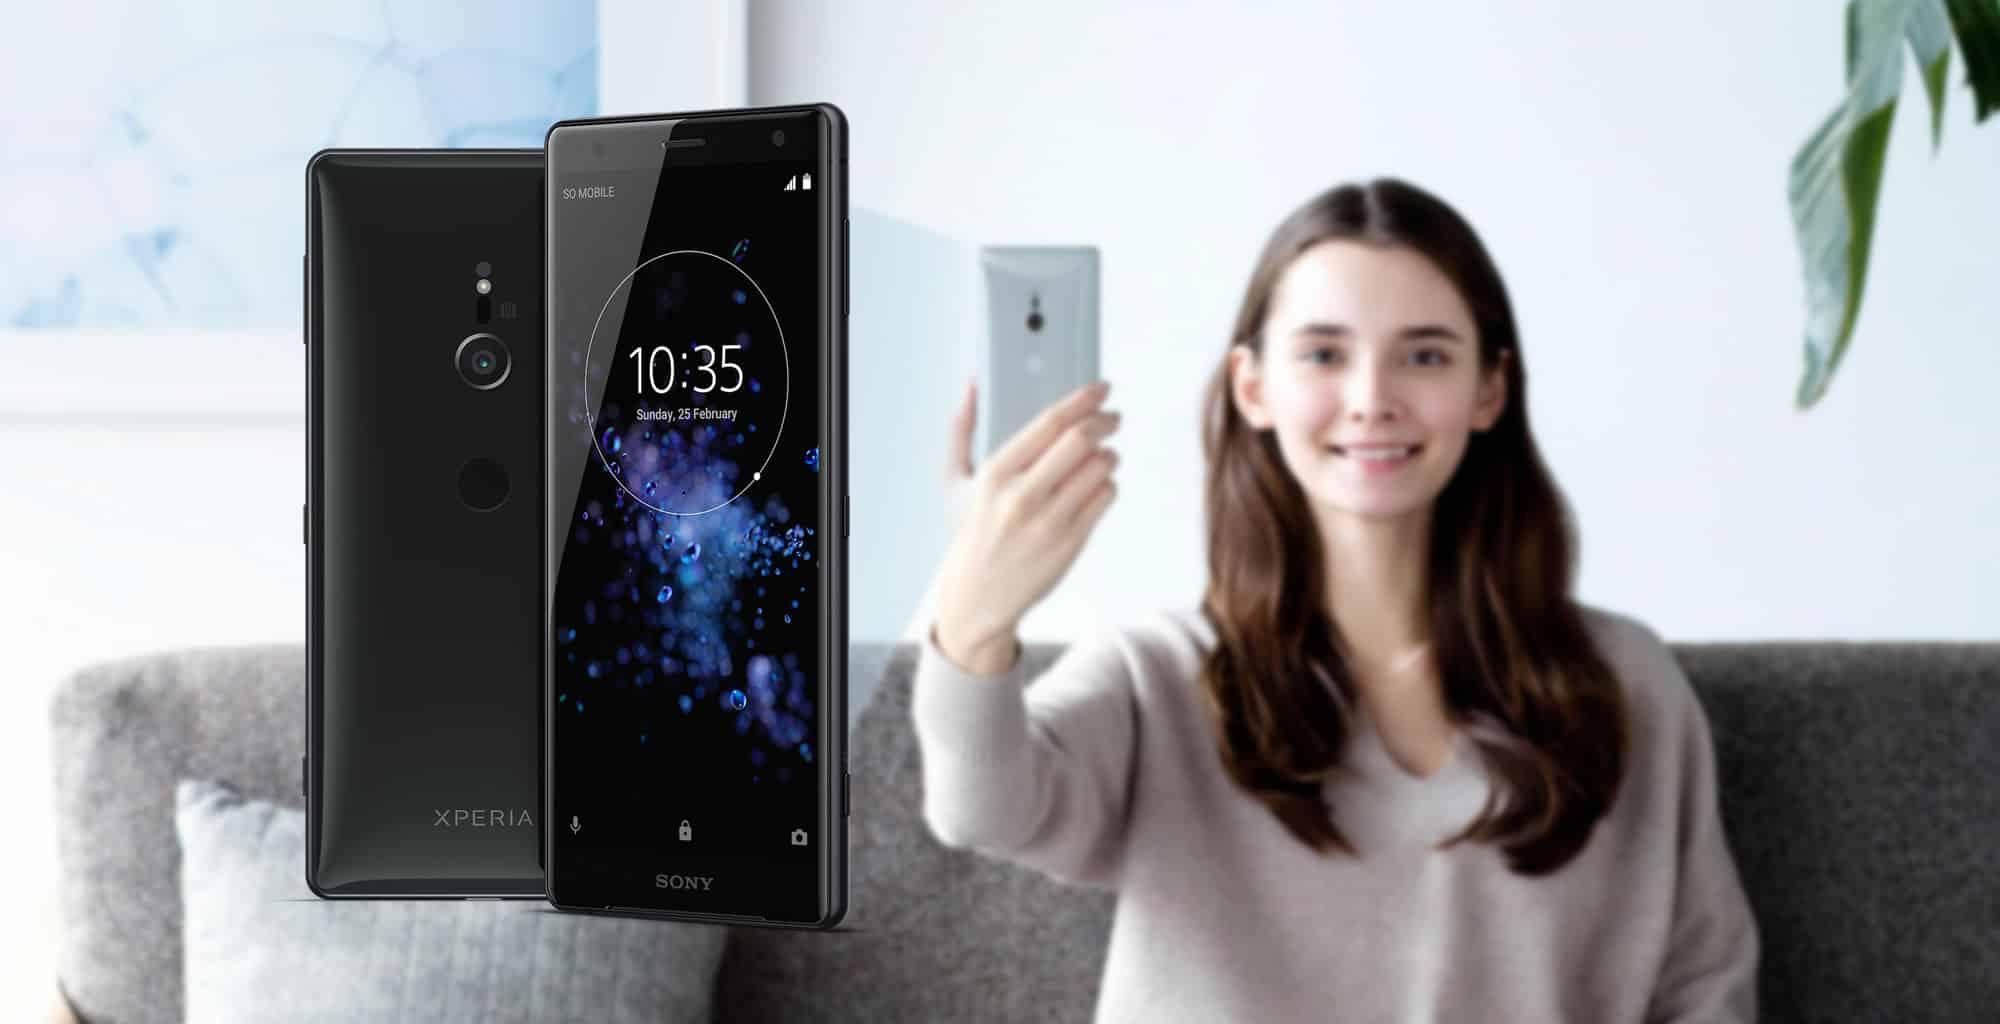 Sony presentó al Xperia XZ2 con grabación a 960 fps en 1080p